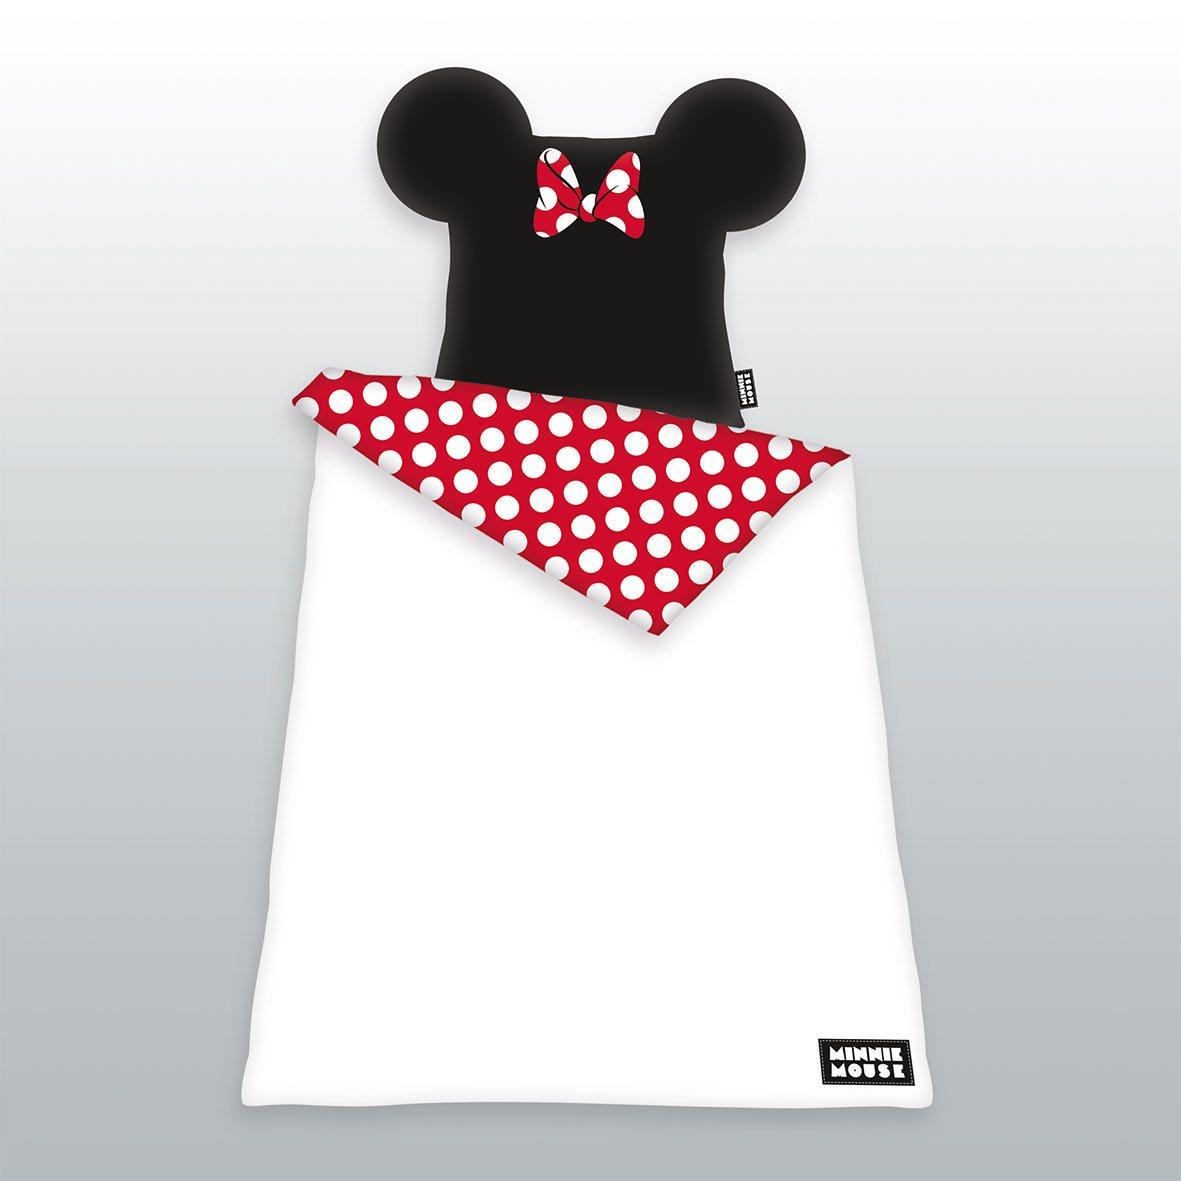 Mickey Mouse Duvet Set Minnie Mouse 135 x 200 cm / 80 x 80 cm